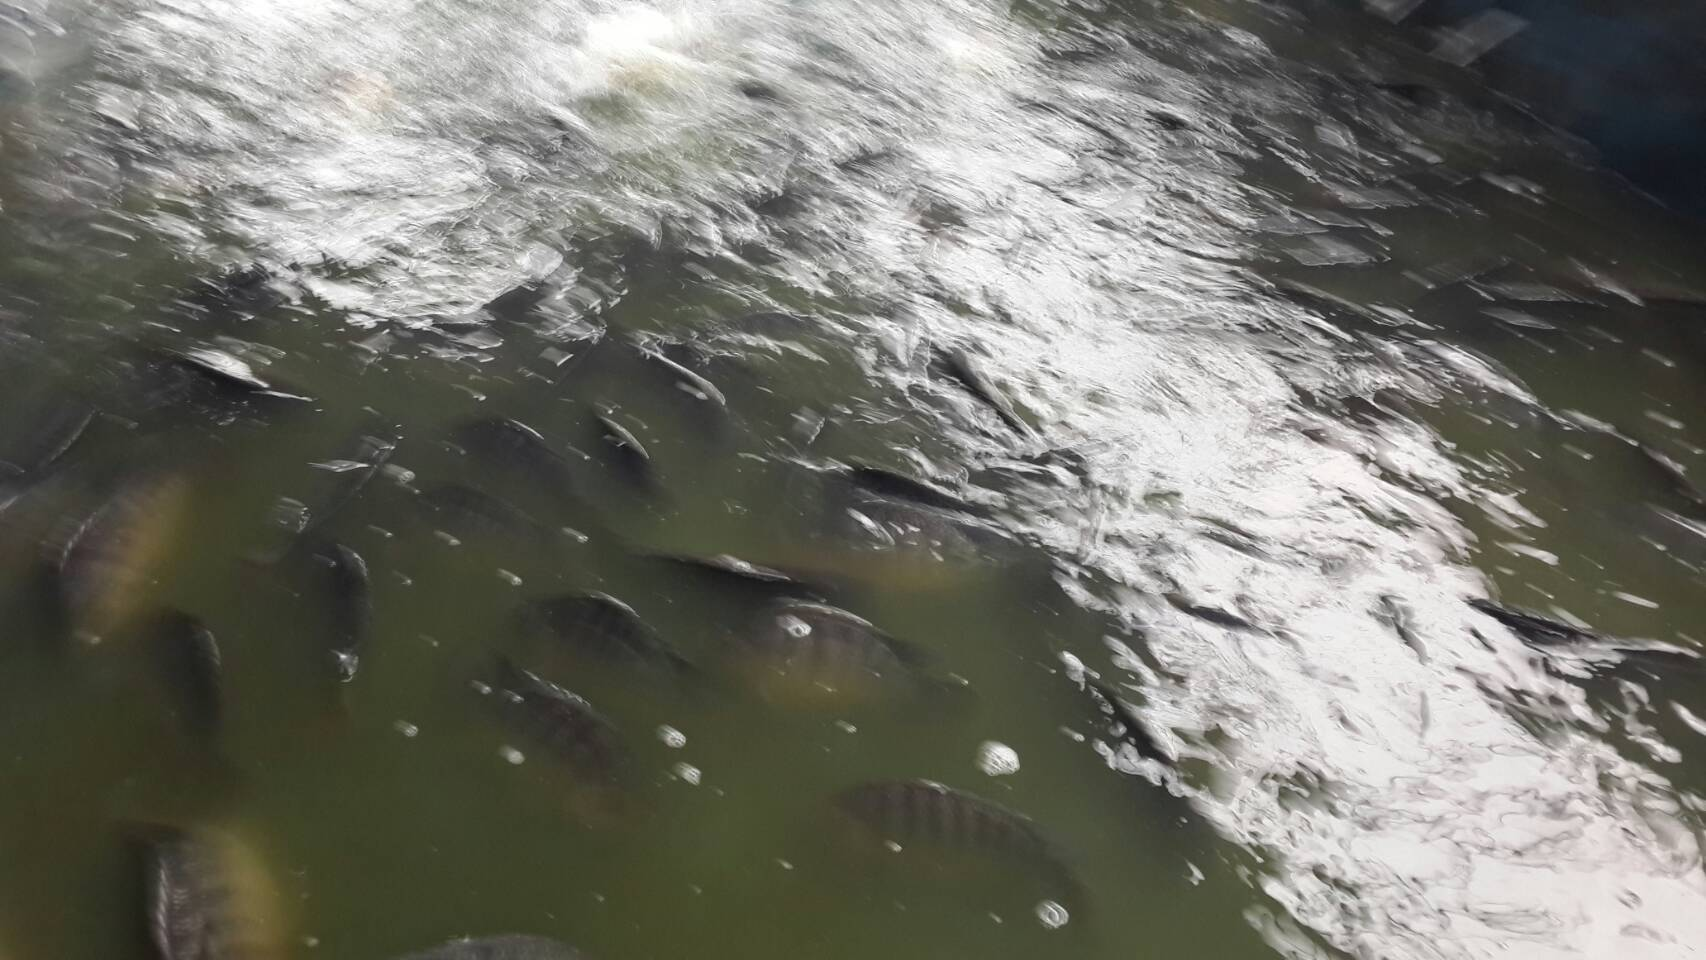 (((ลงปลาใหม่ทุกวันพุธ))) บ่อป้าเล็กซีพีเค (พุธนี้ลงแล้วจร้า 300 โล)